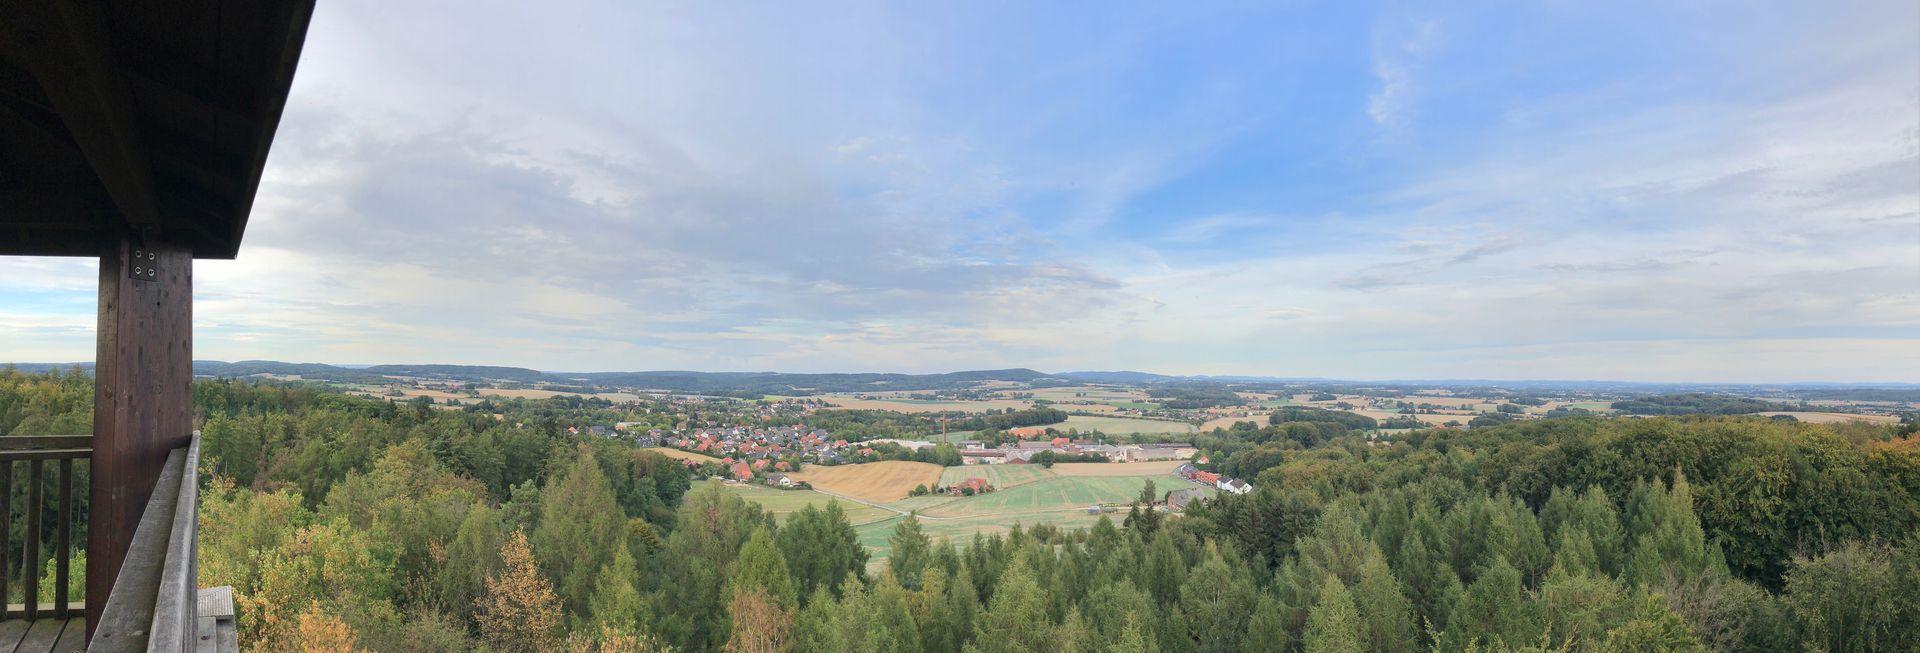 Ganz in der Nähe der Saurierspuren gibt es den Klimaturm Melle-Buer. Der Aussichtsturm bietet nicht nur einen fantastischen Blick über die Landschaft, sondern ist zugleich ein Lernstandort, der Menschen für das Thema Klimaschutz sensibilisieren soll.